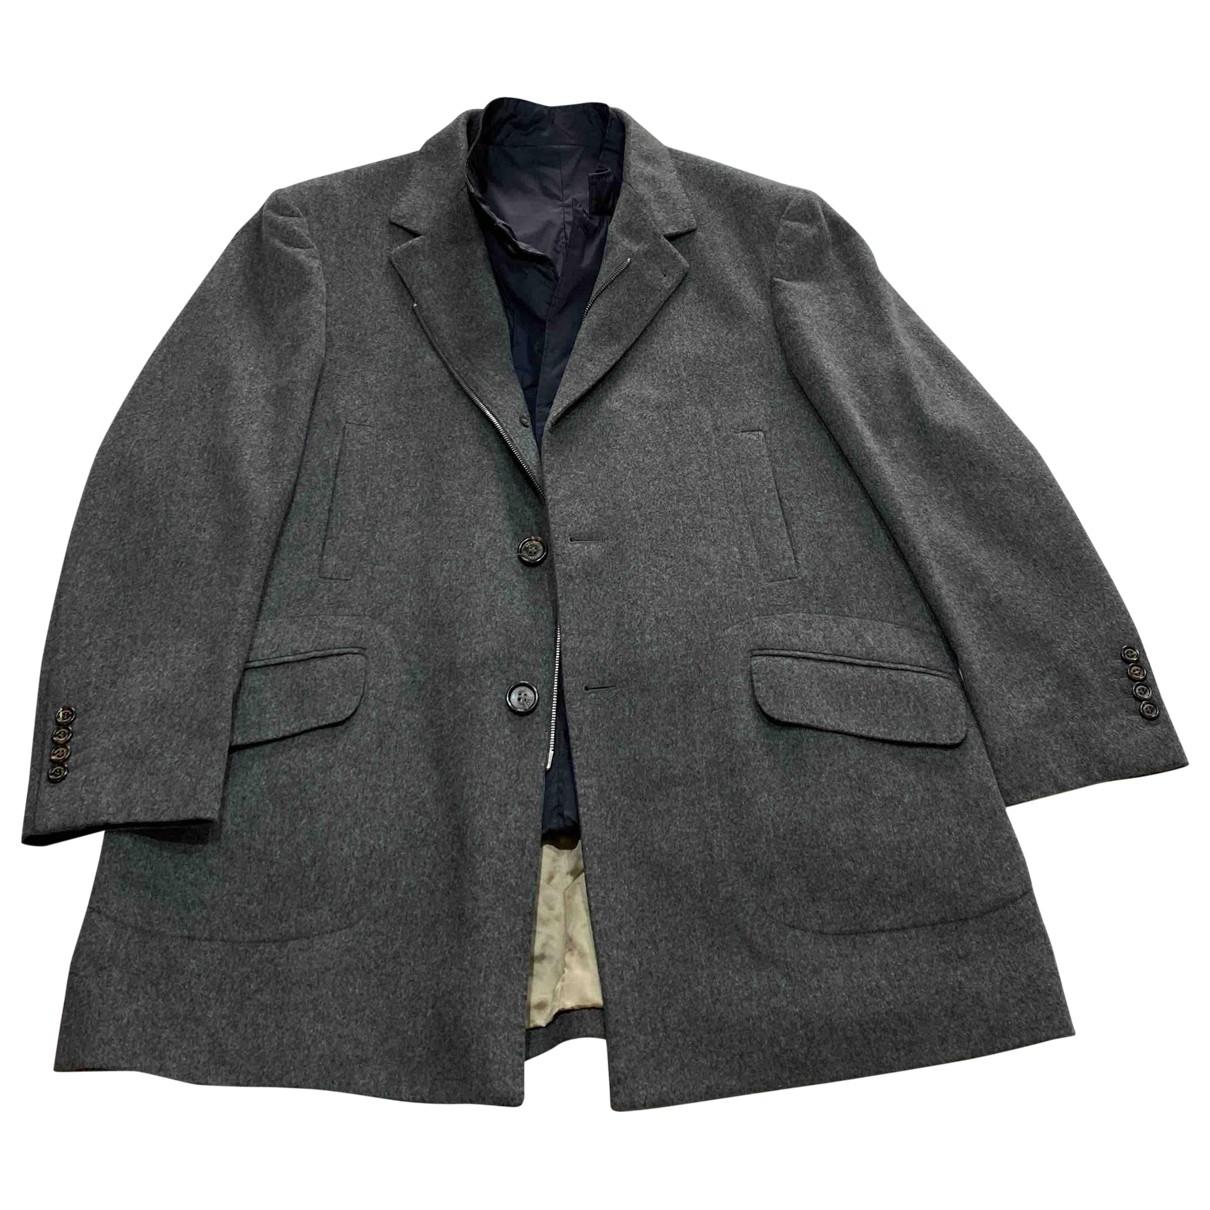 Brunello Cucinelli - Manteau   pour homme en cachemire